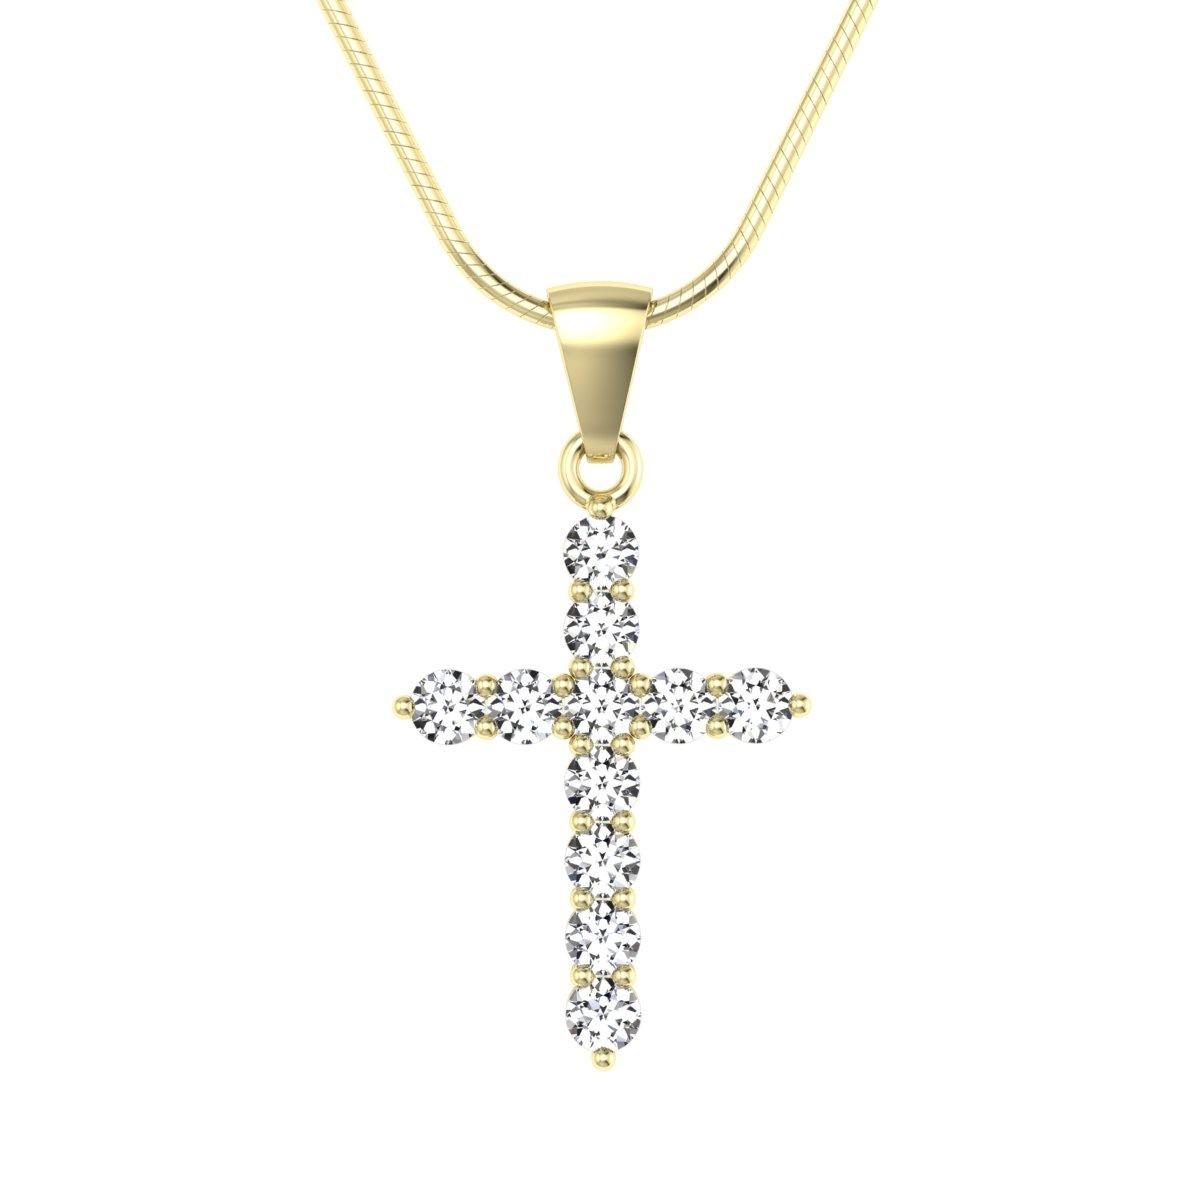 Złoty krzyżyk z diamentami - wisiorek zawieszka